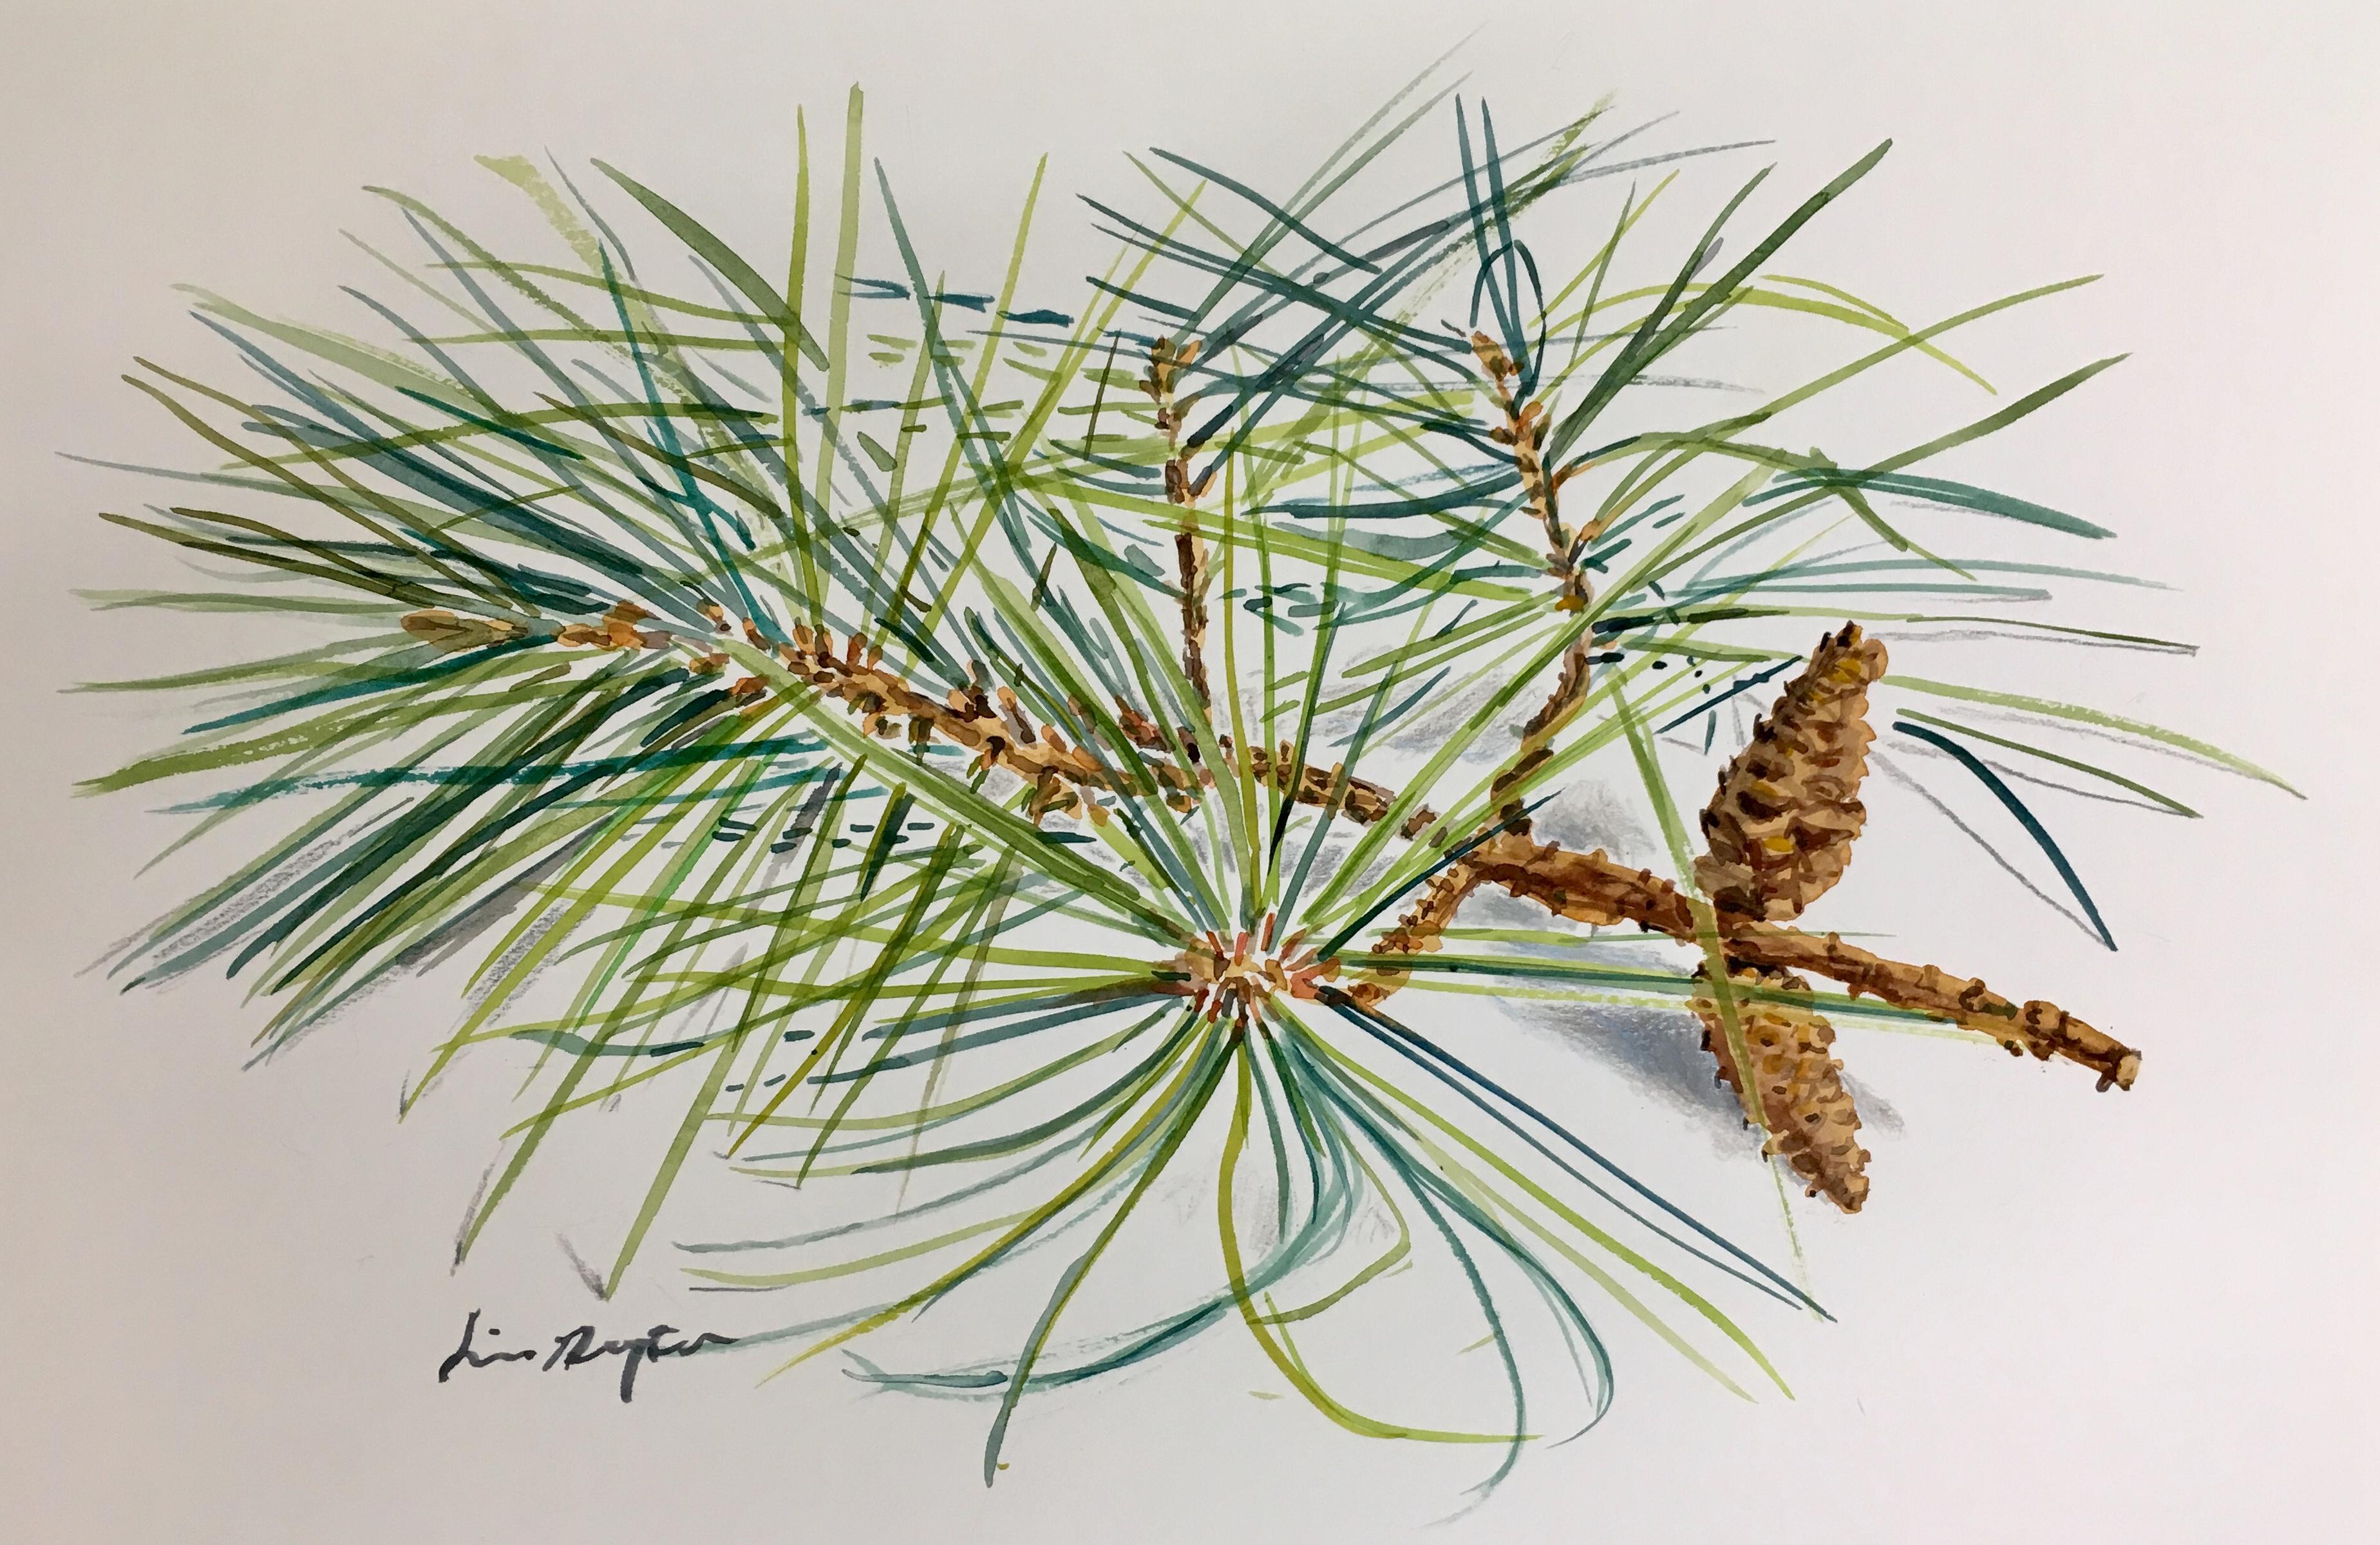 Pine Needles and Cones